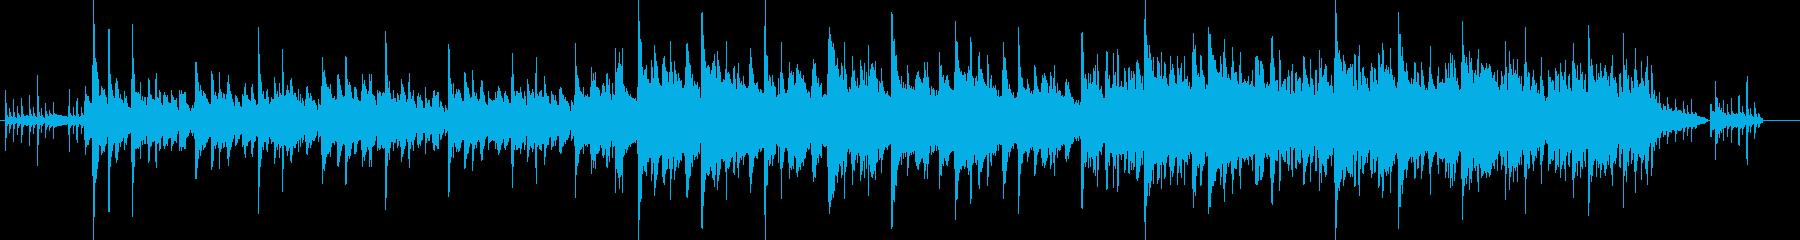 美しいハーモニクスをクールなビートでの再生済みの波形